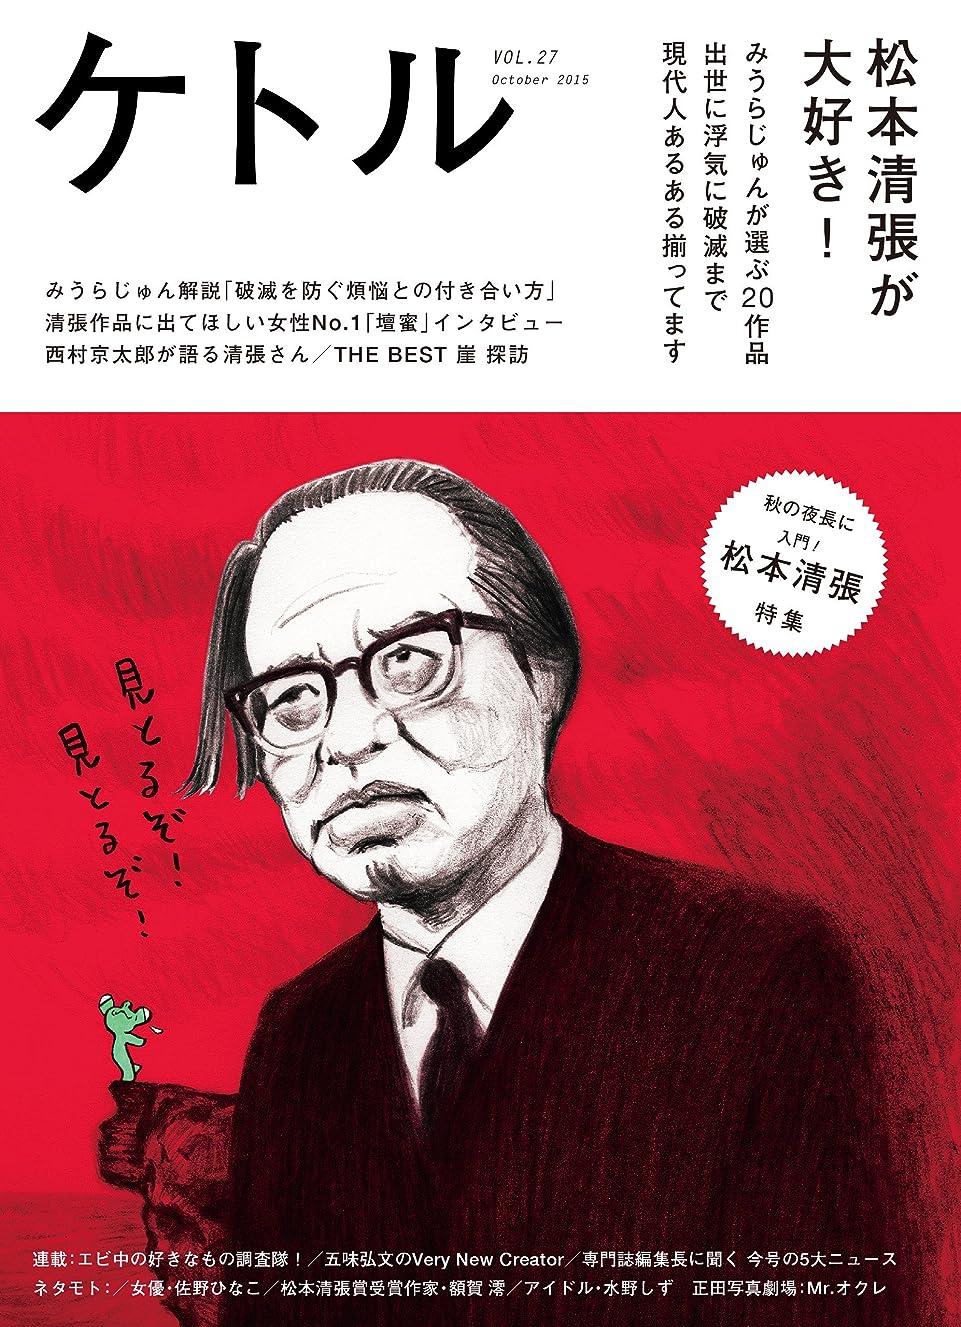 予知降伏サイトケトル Vol.27  2015年10月発売号 [雑誌]